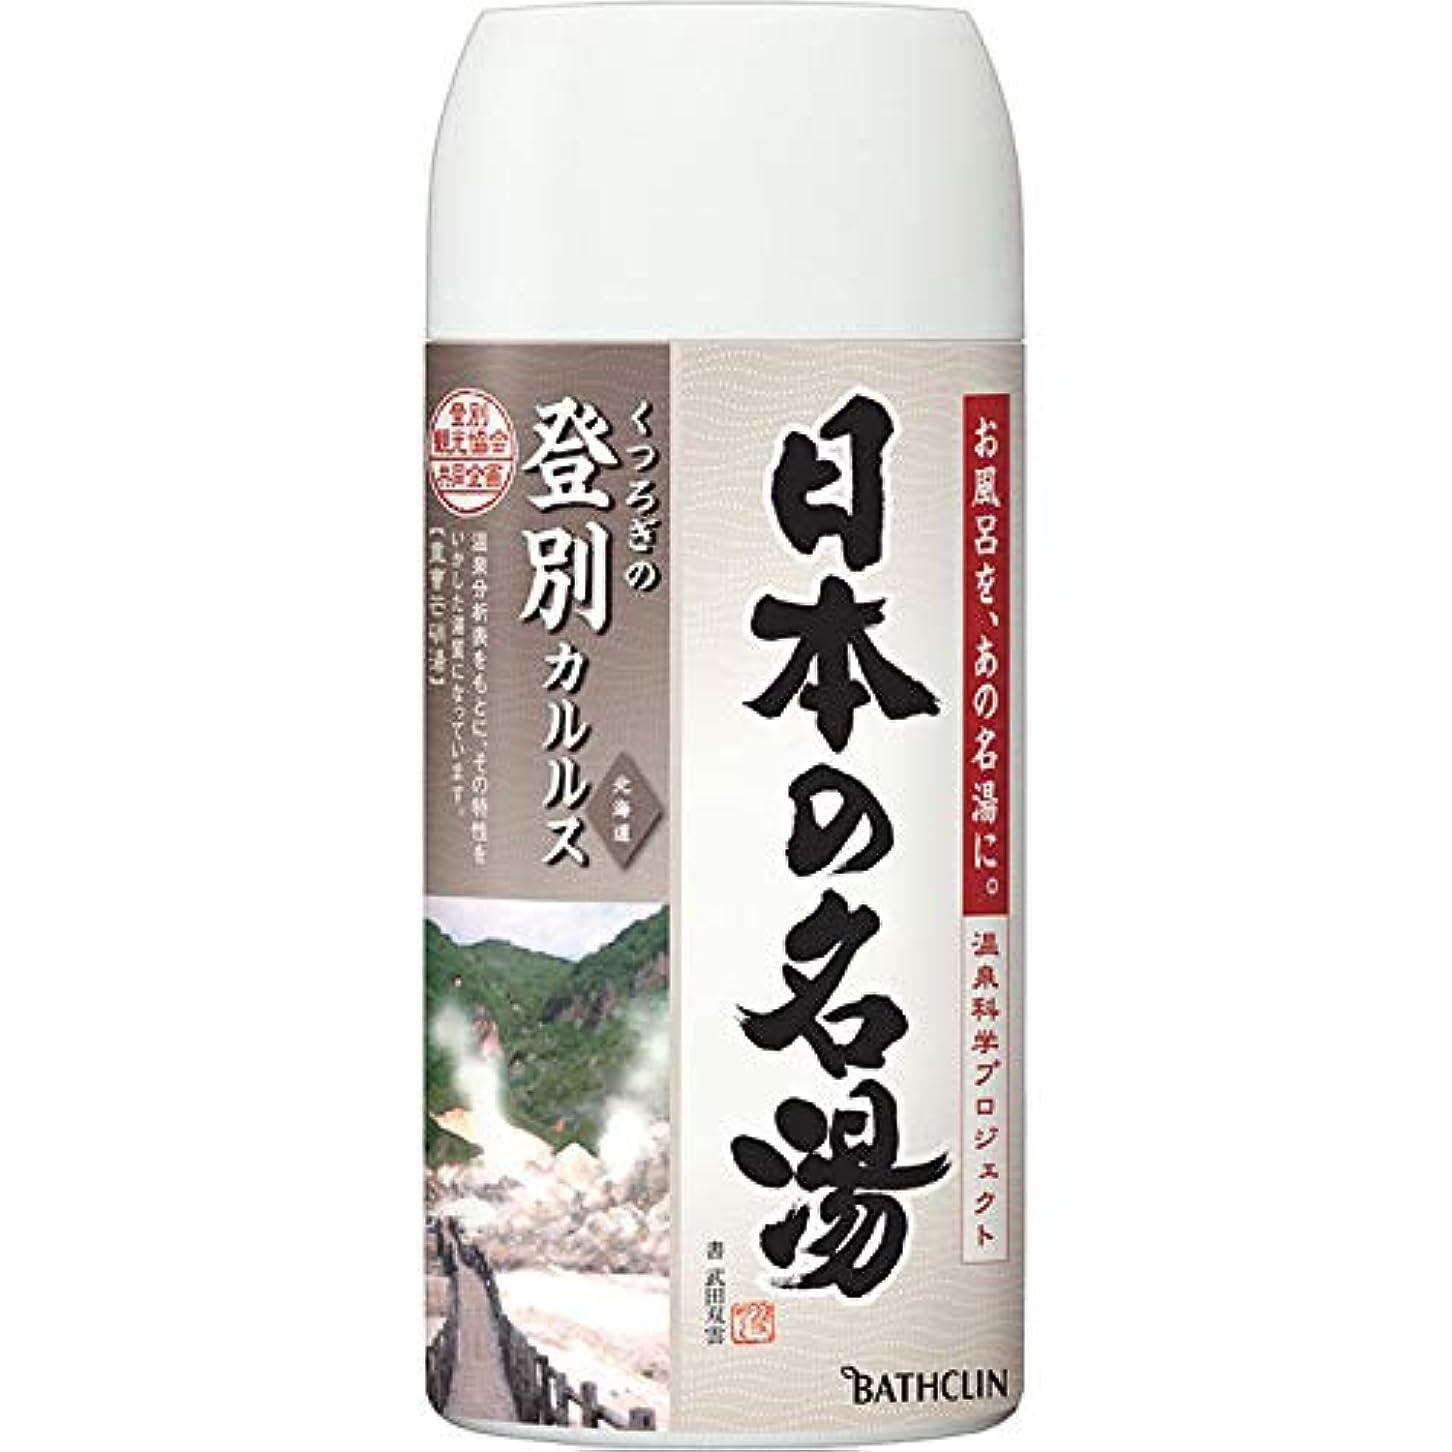 デザートしみクーポン日本の名湯 登別カルルス 450g